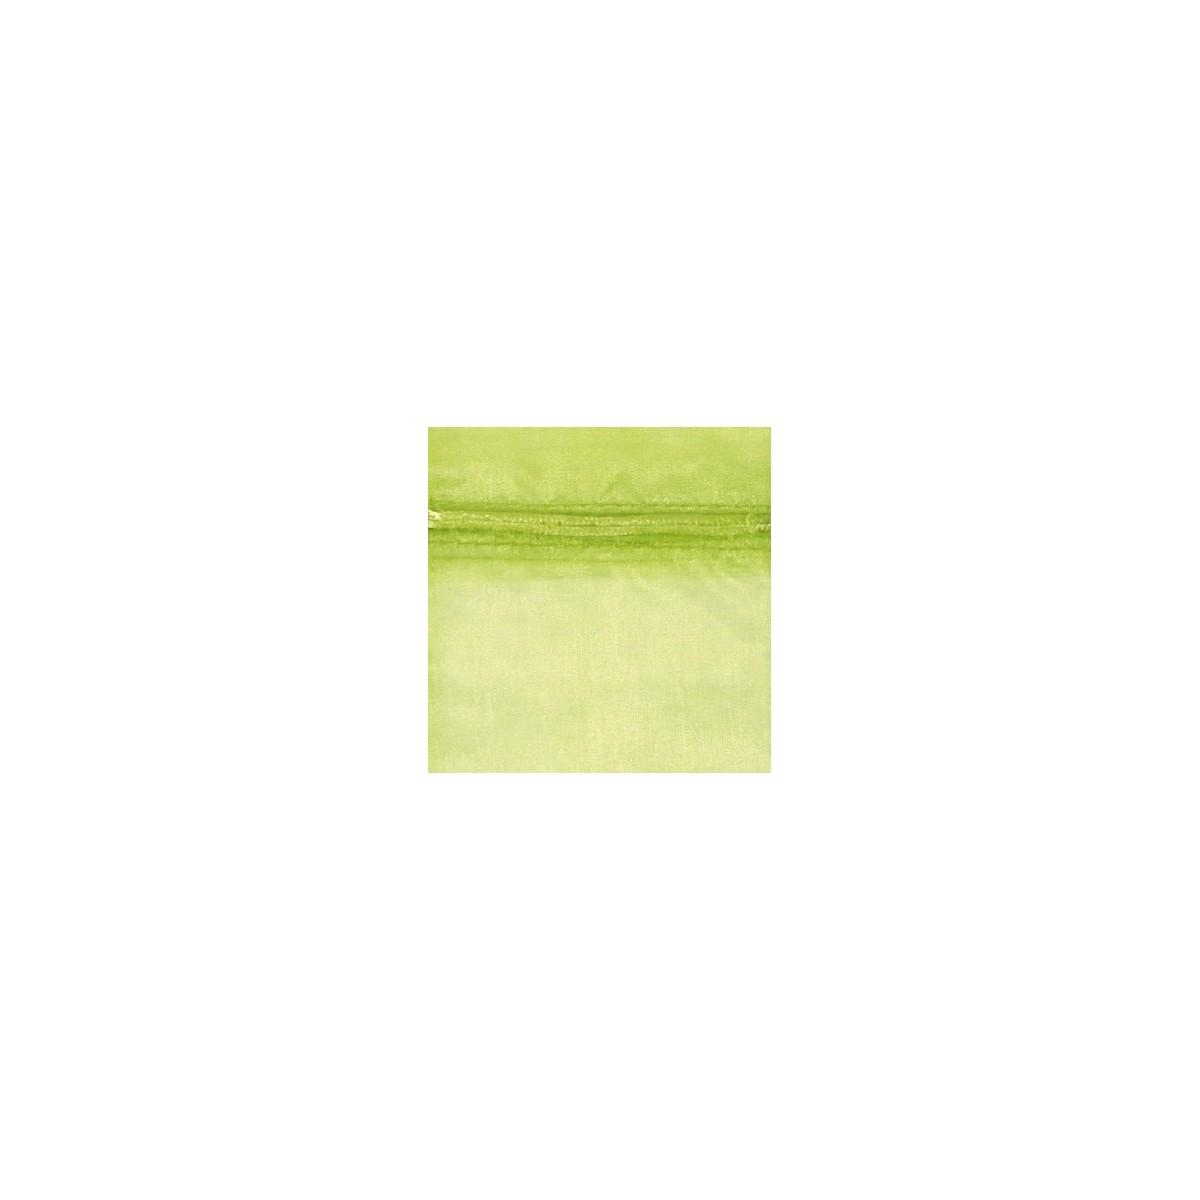 Sacchetto in Organza con Nastrino Confezione 10 Pezzi Verde Mela